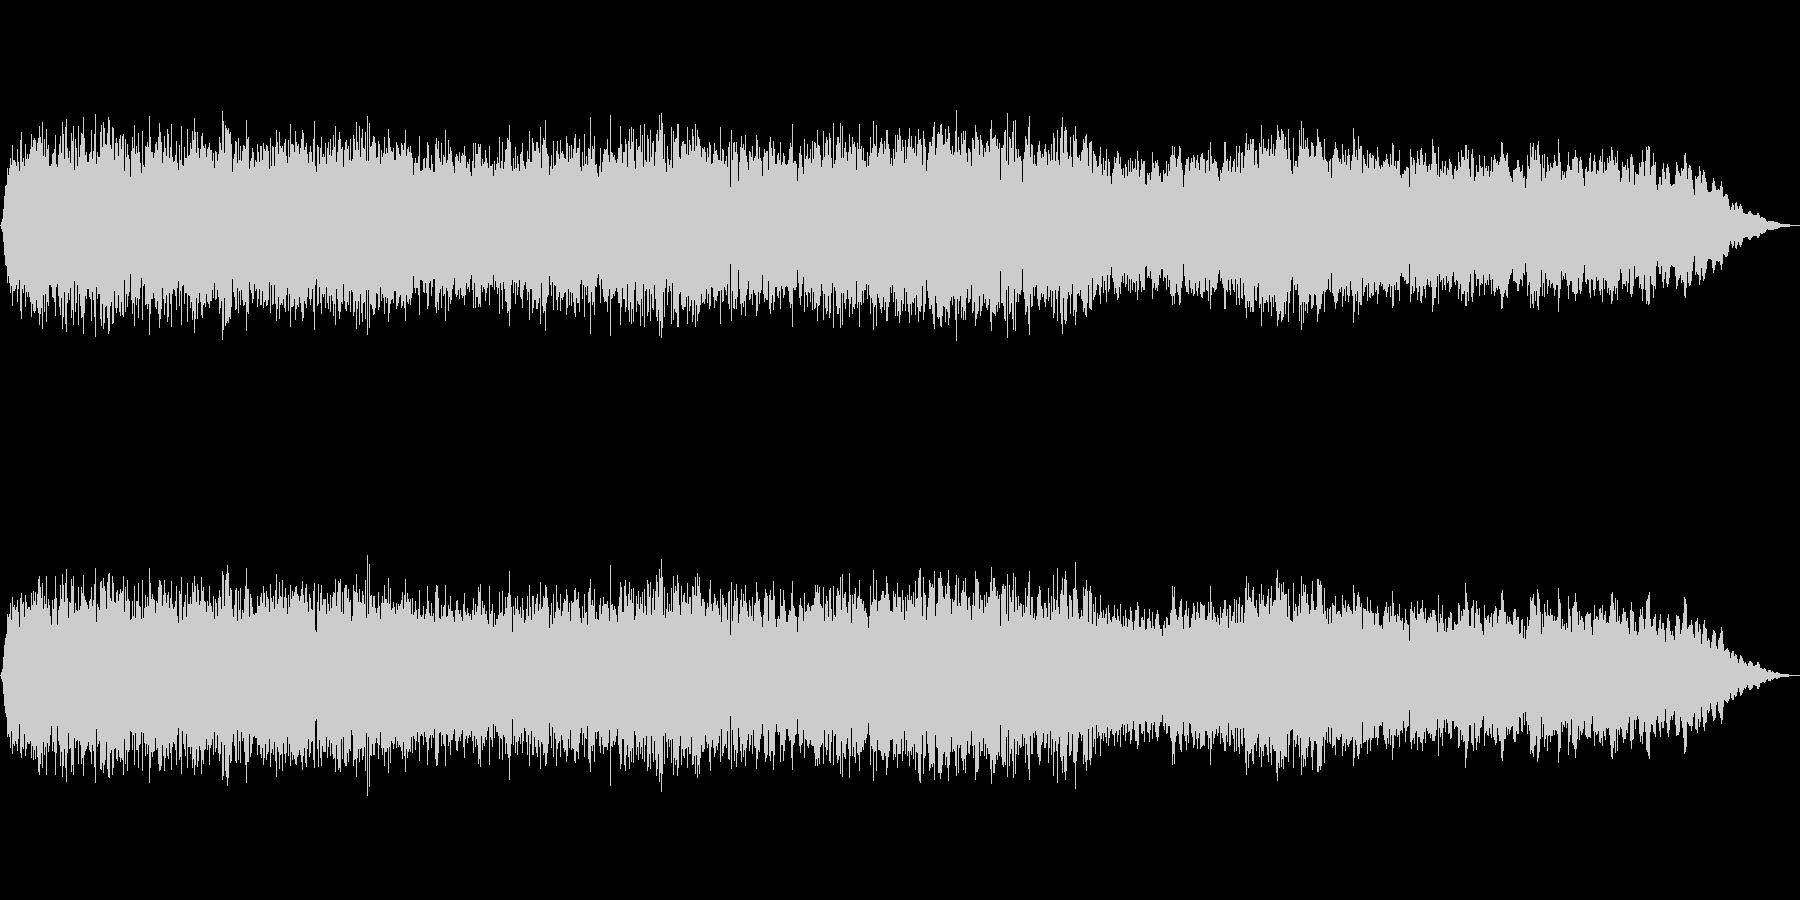 壮大な持続音の未再生の波形